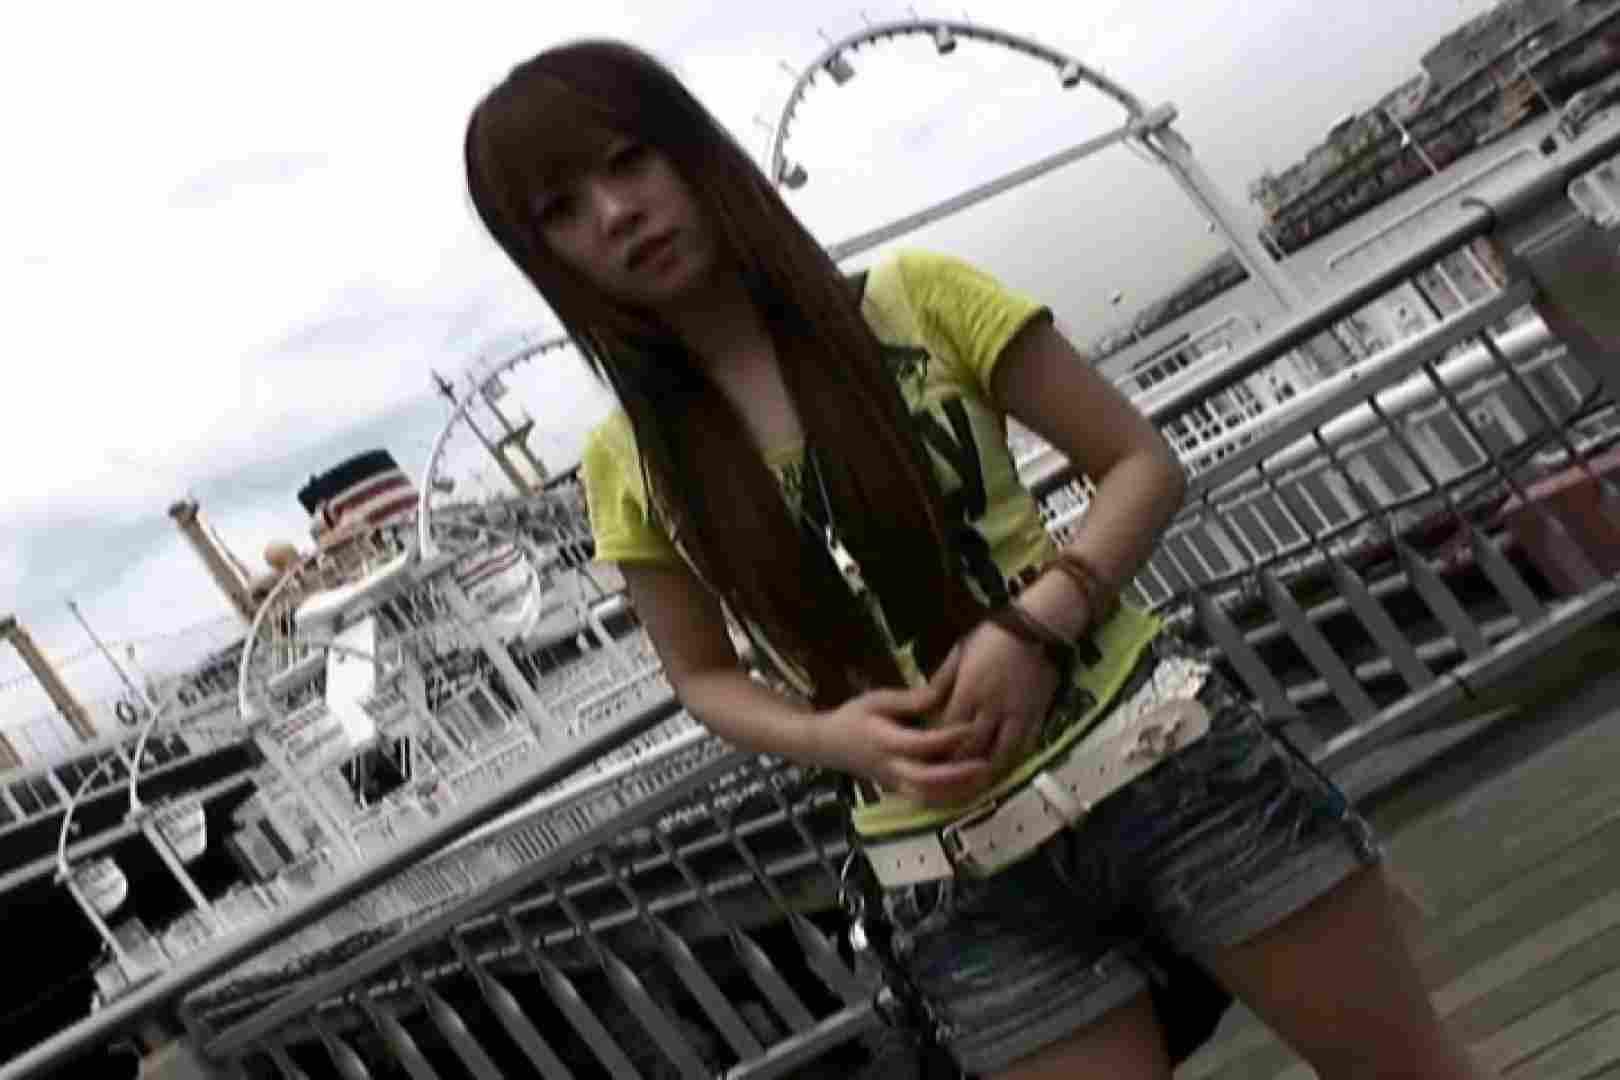 ハイビジョンパンチラ オッテQさんの追跡パンチラ夜の街編 パンチラのぞき  108pic 60